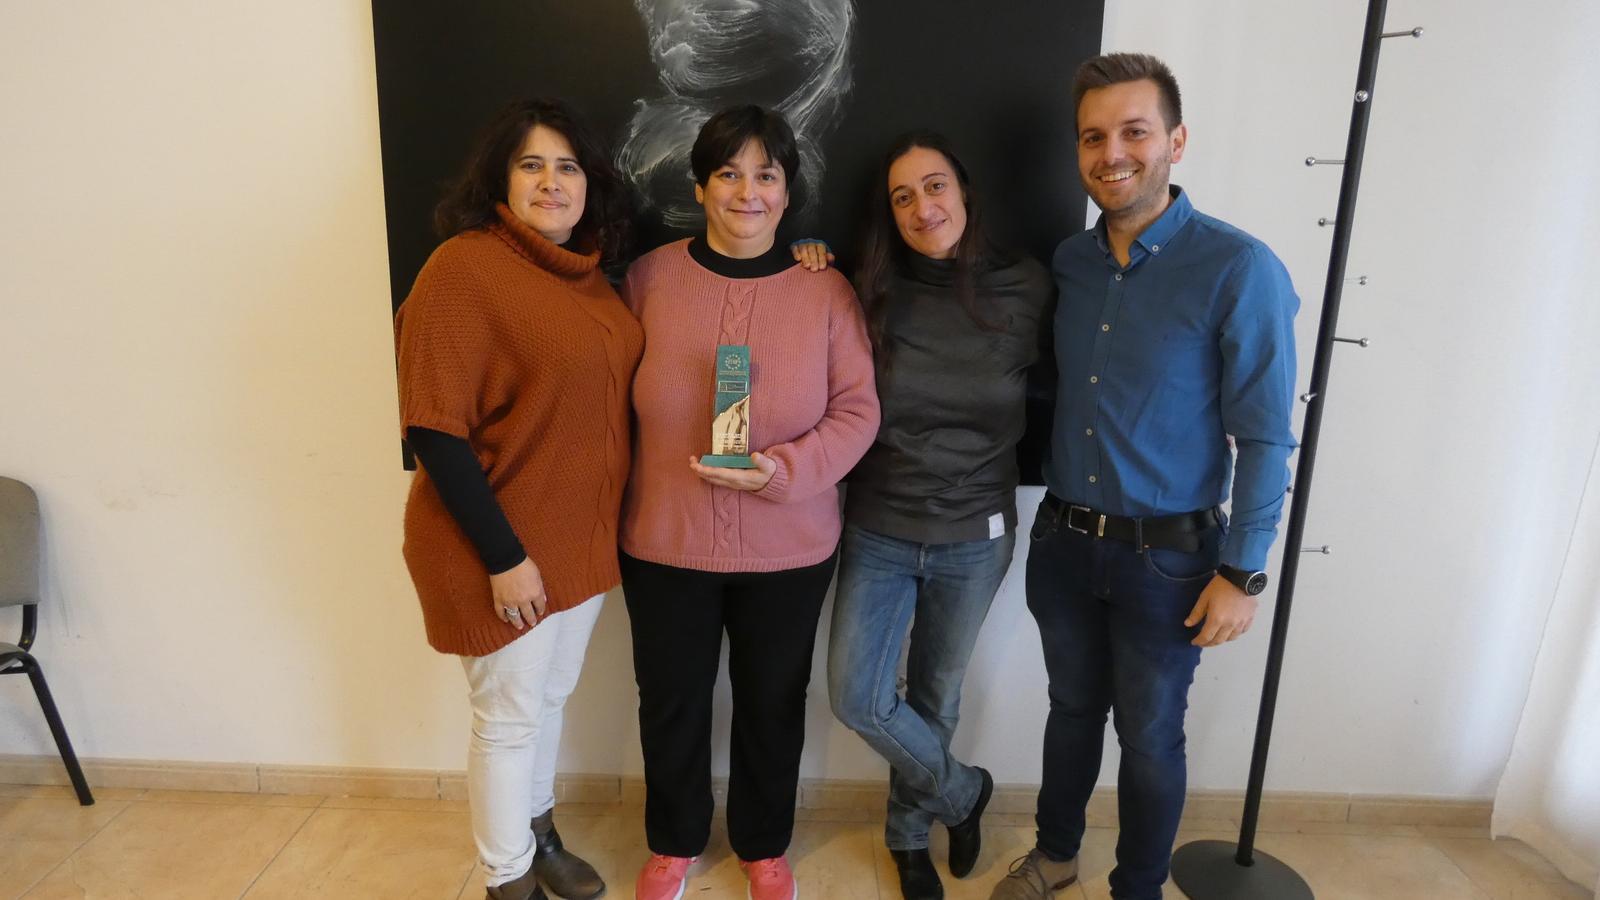 L'entrega del guardó va tenir lloc el passat dijous dia 30 a l'Auditorio de la Secretaria General de Cultura (Madrid), on l'Ajuntament va poder exposar el projecte guanyador